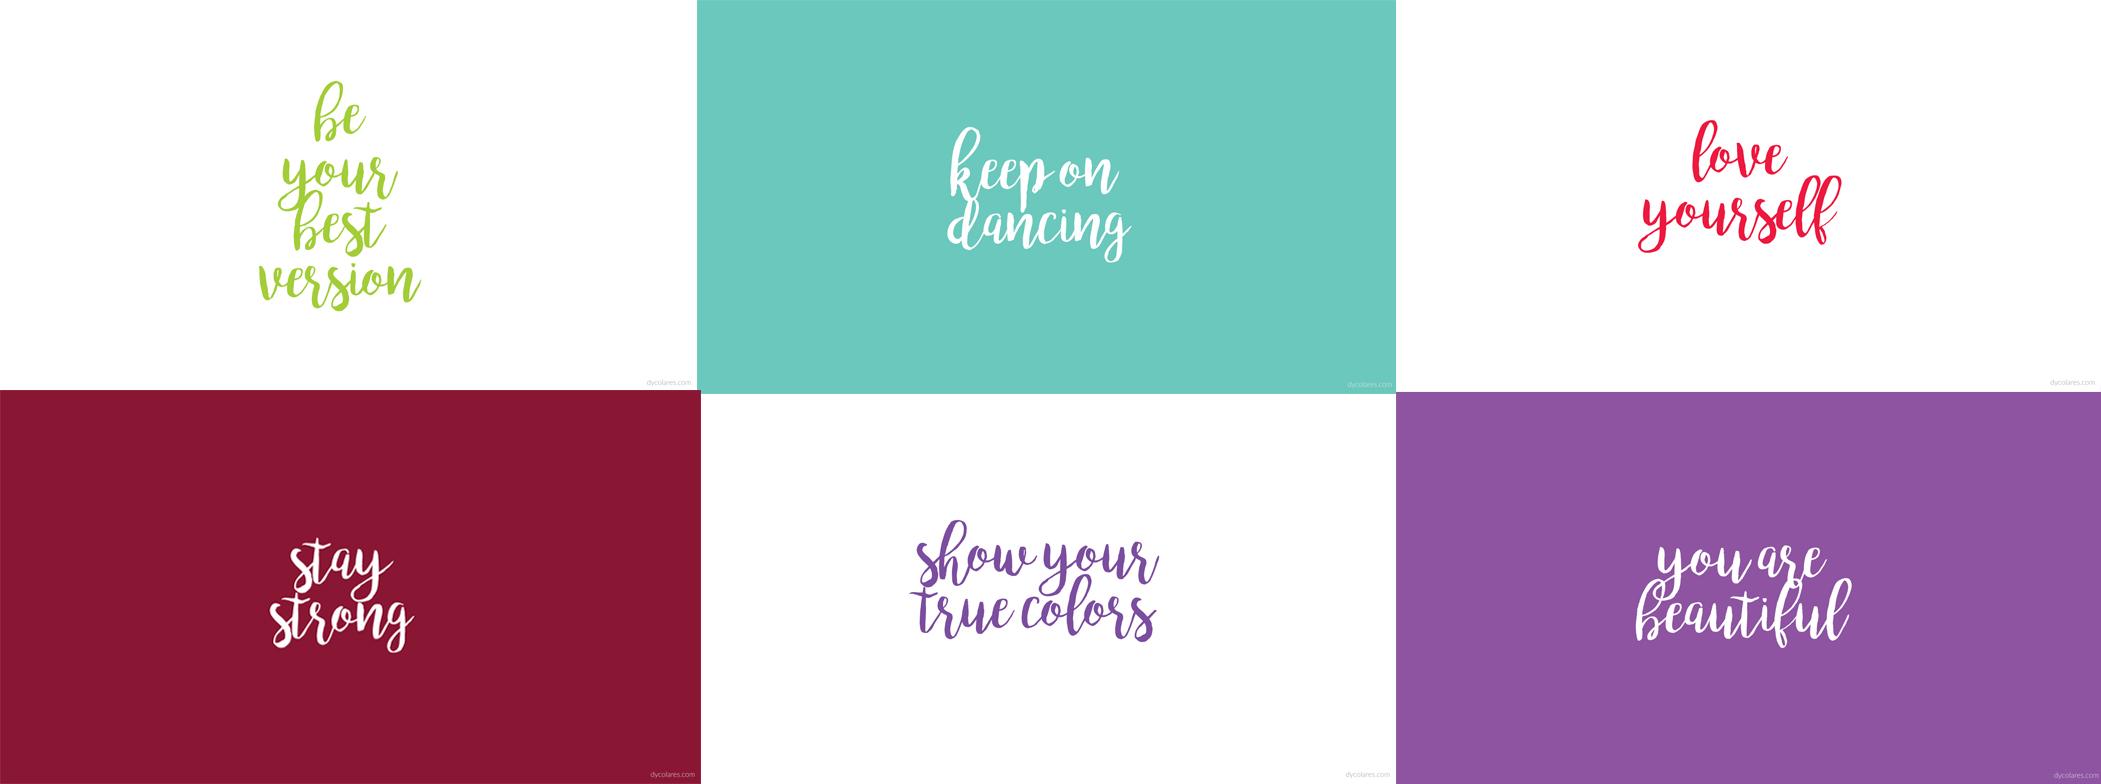 Wallpapers empoderadores para você baixar e transformar seu dia!